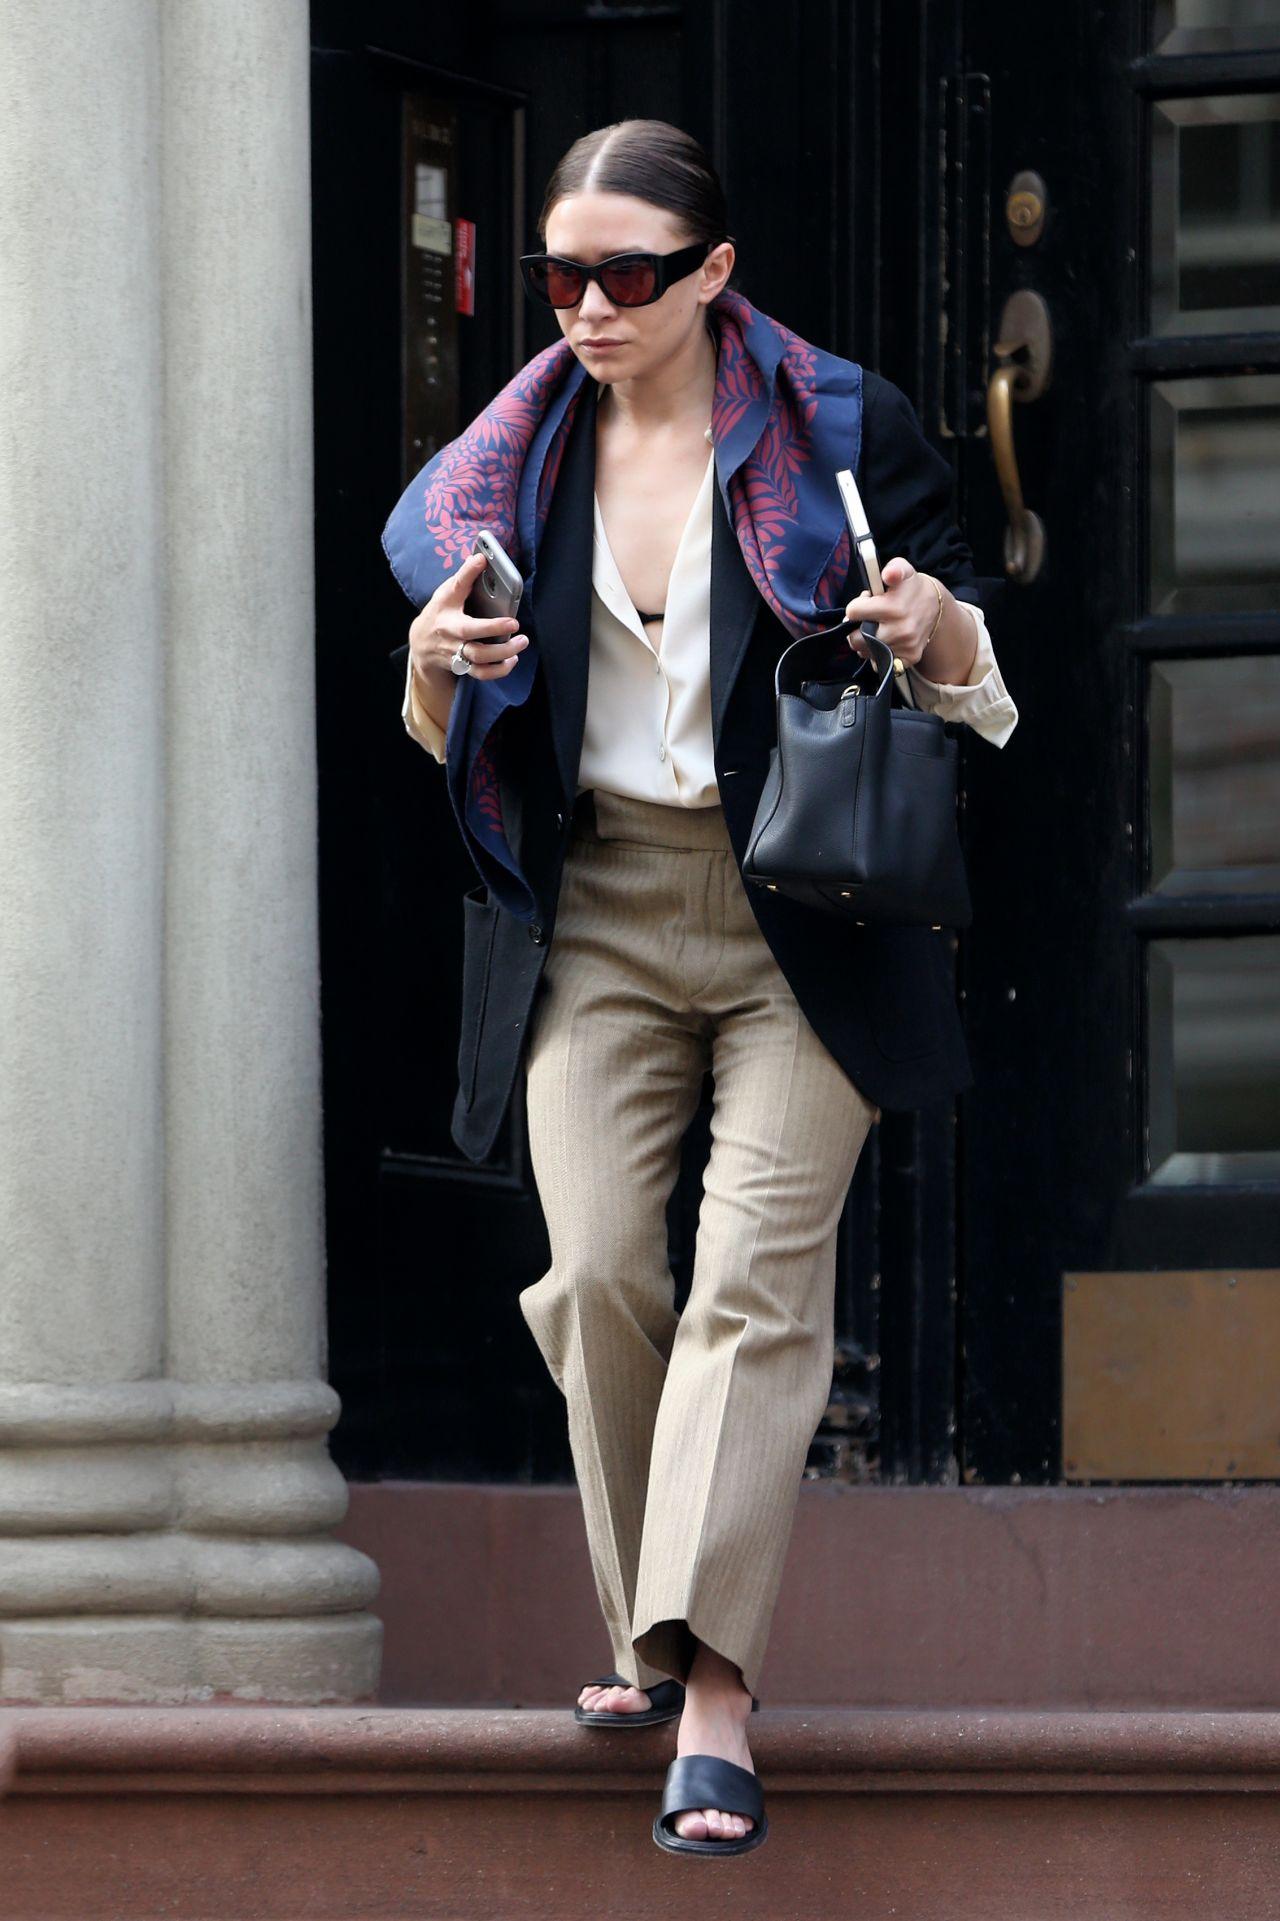 Ashley olsen street fashion new york city 3 10 2016 New york fashion street style 2016